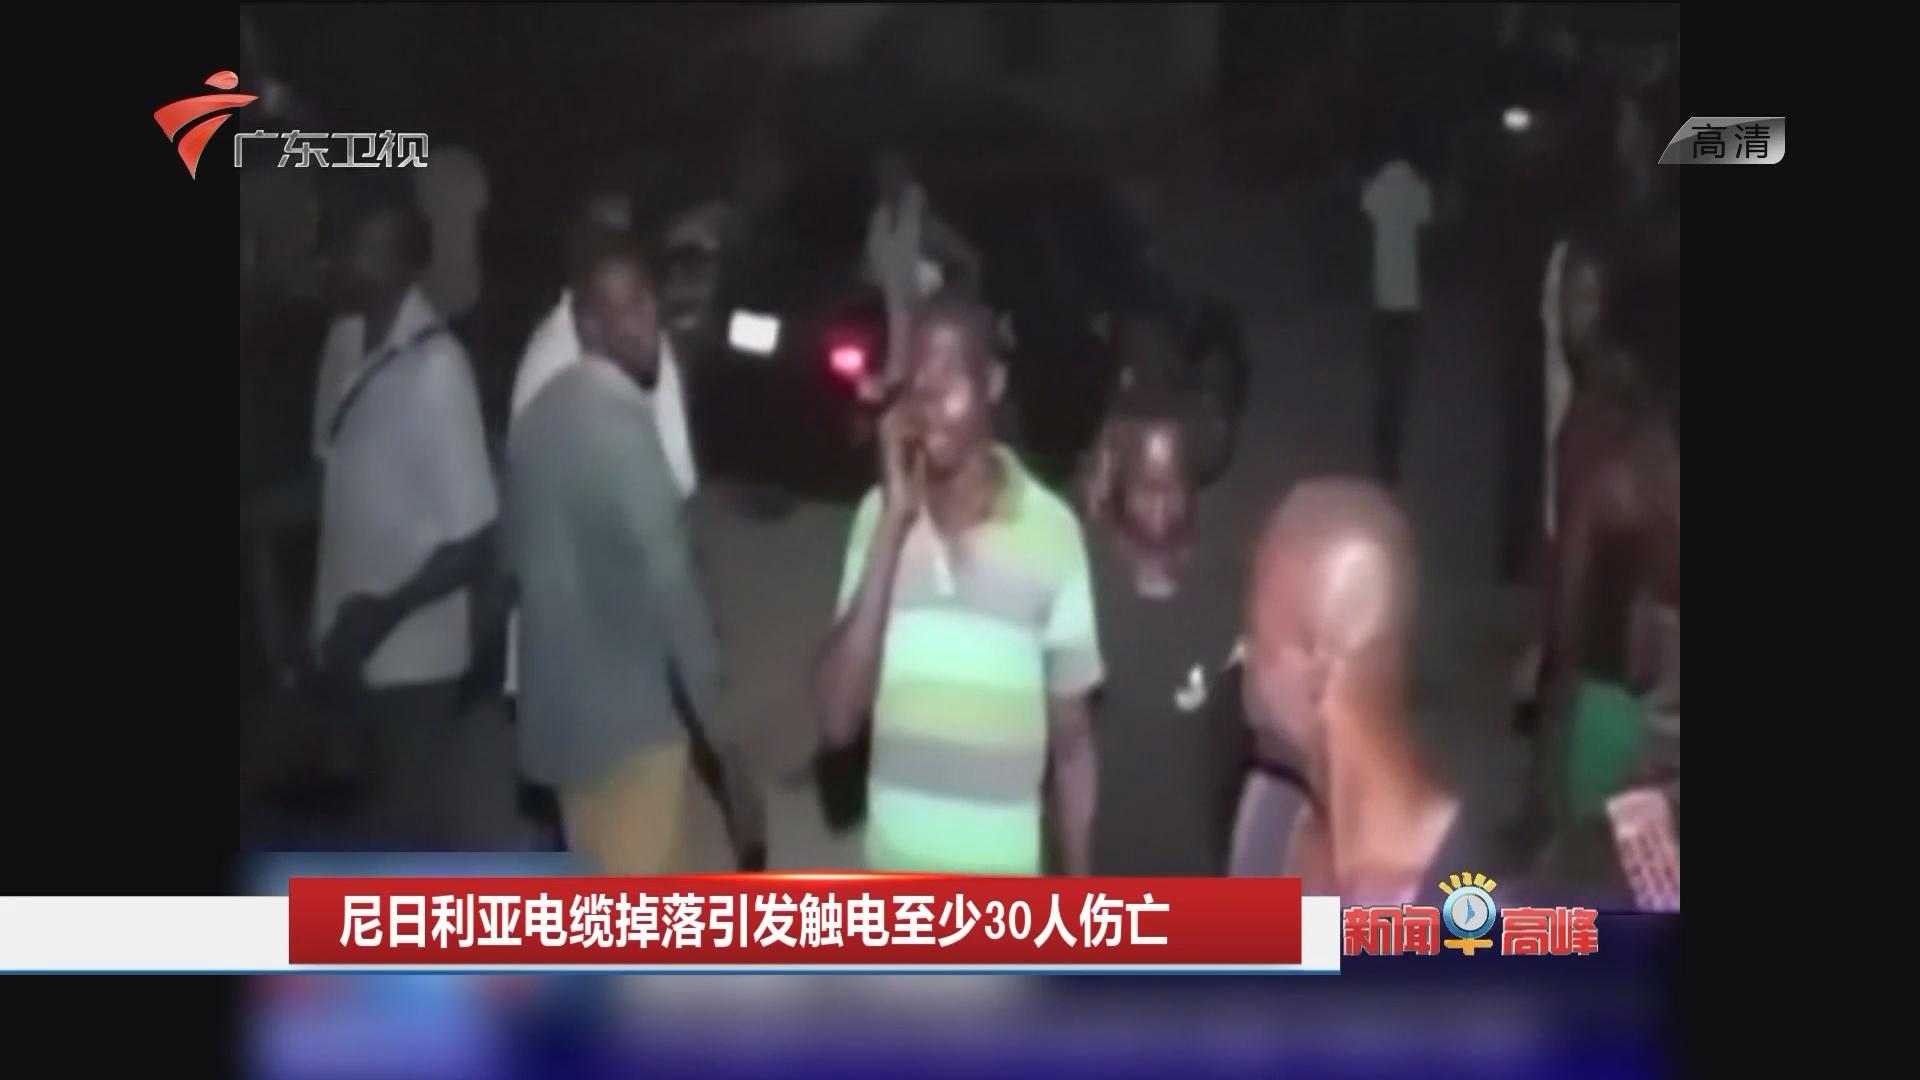 尼日利亚电缆掉落引发触电至少30人伤亡